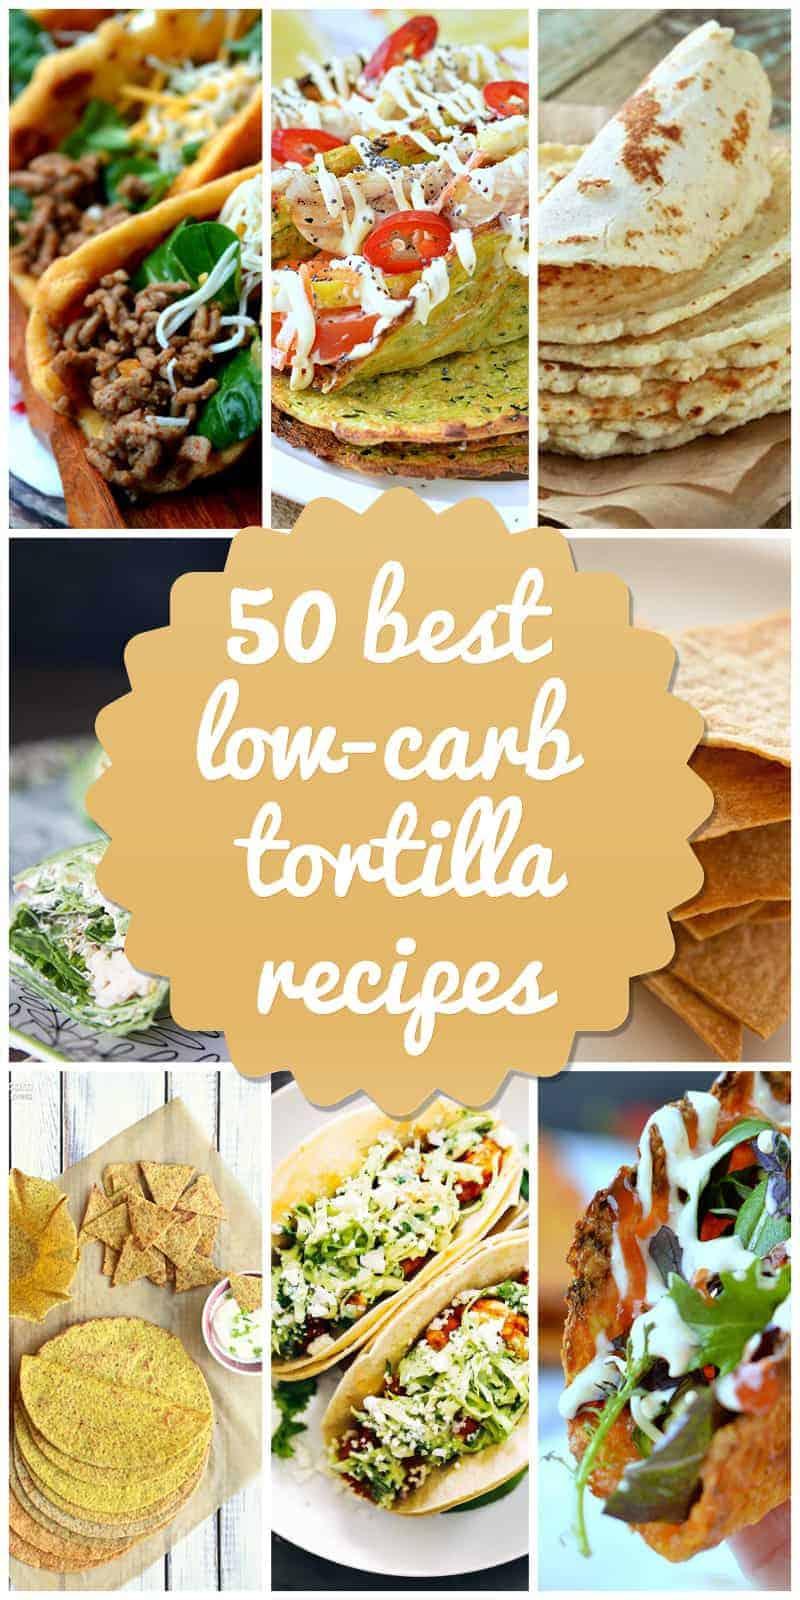 Low-Carb Toritllas Recipes